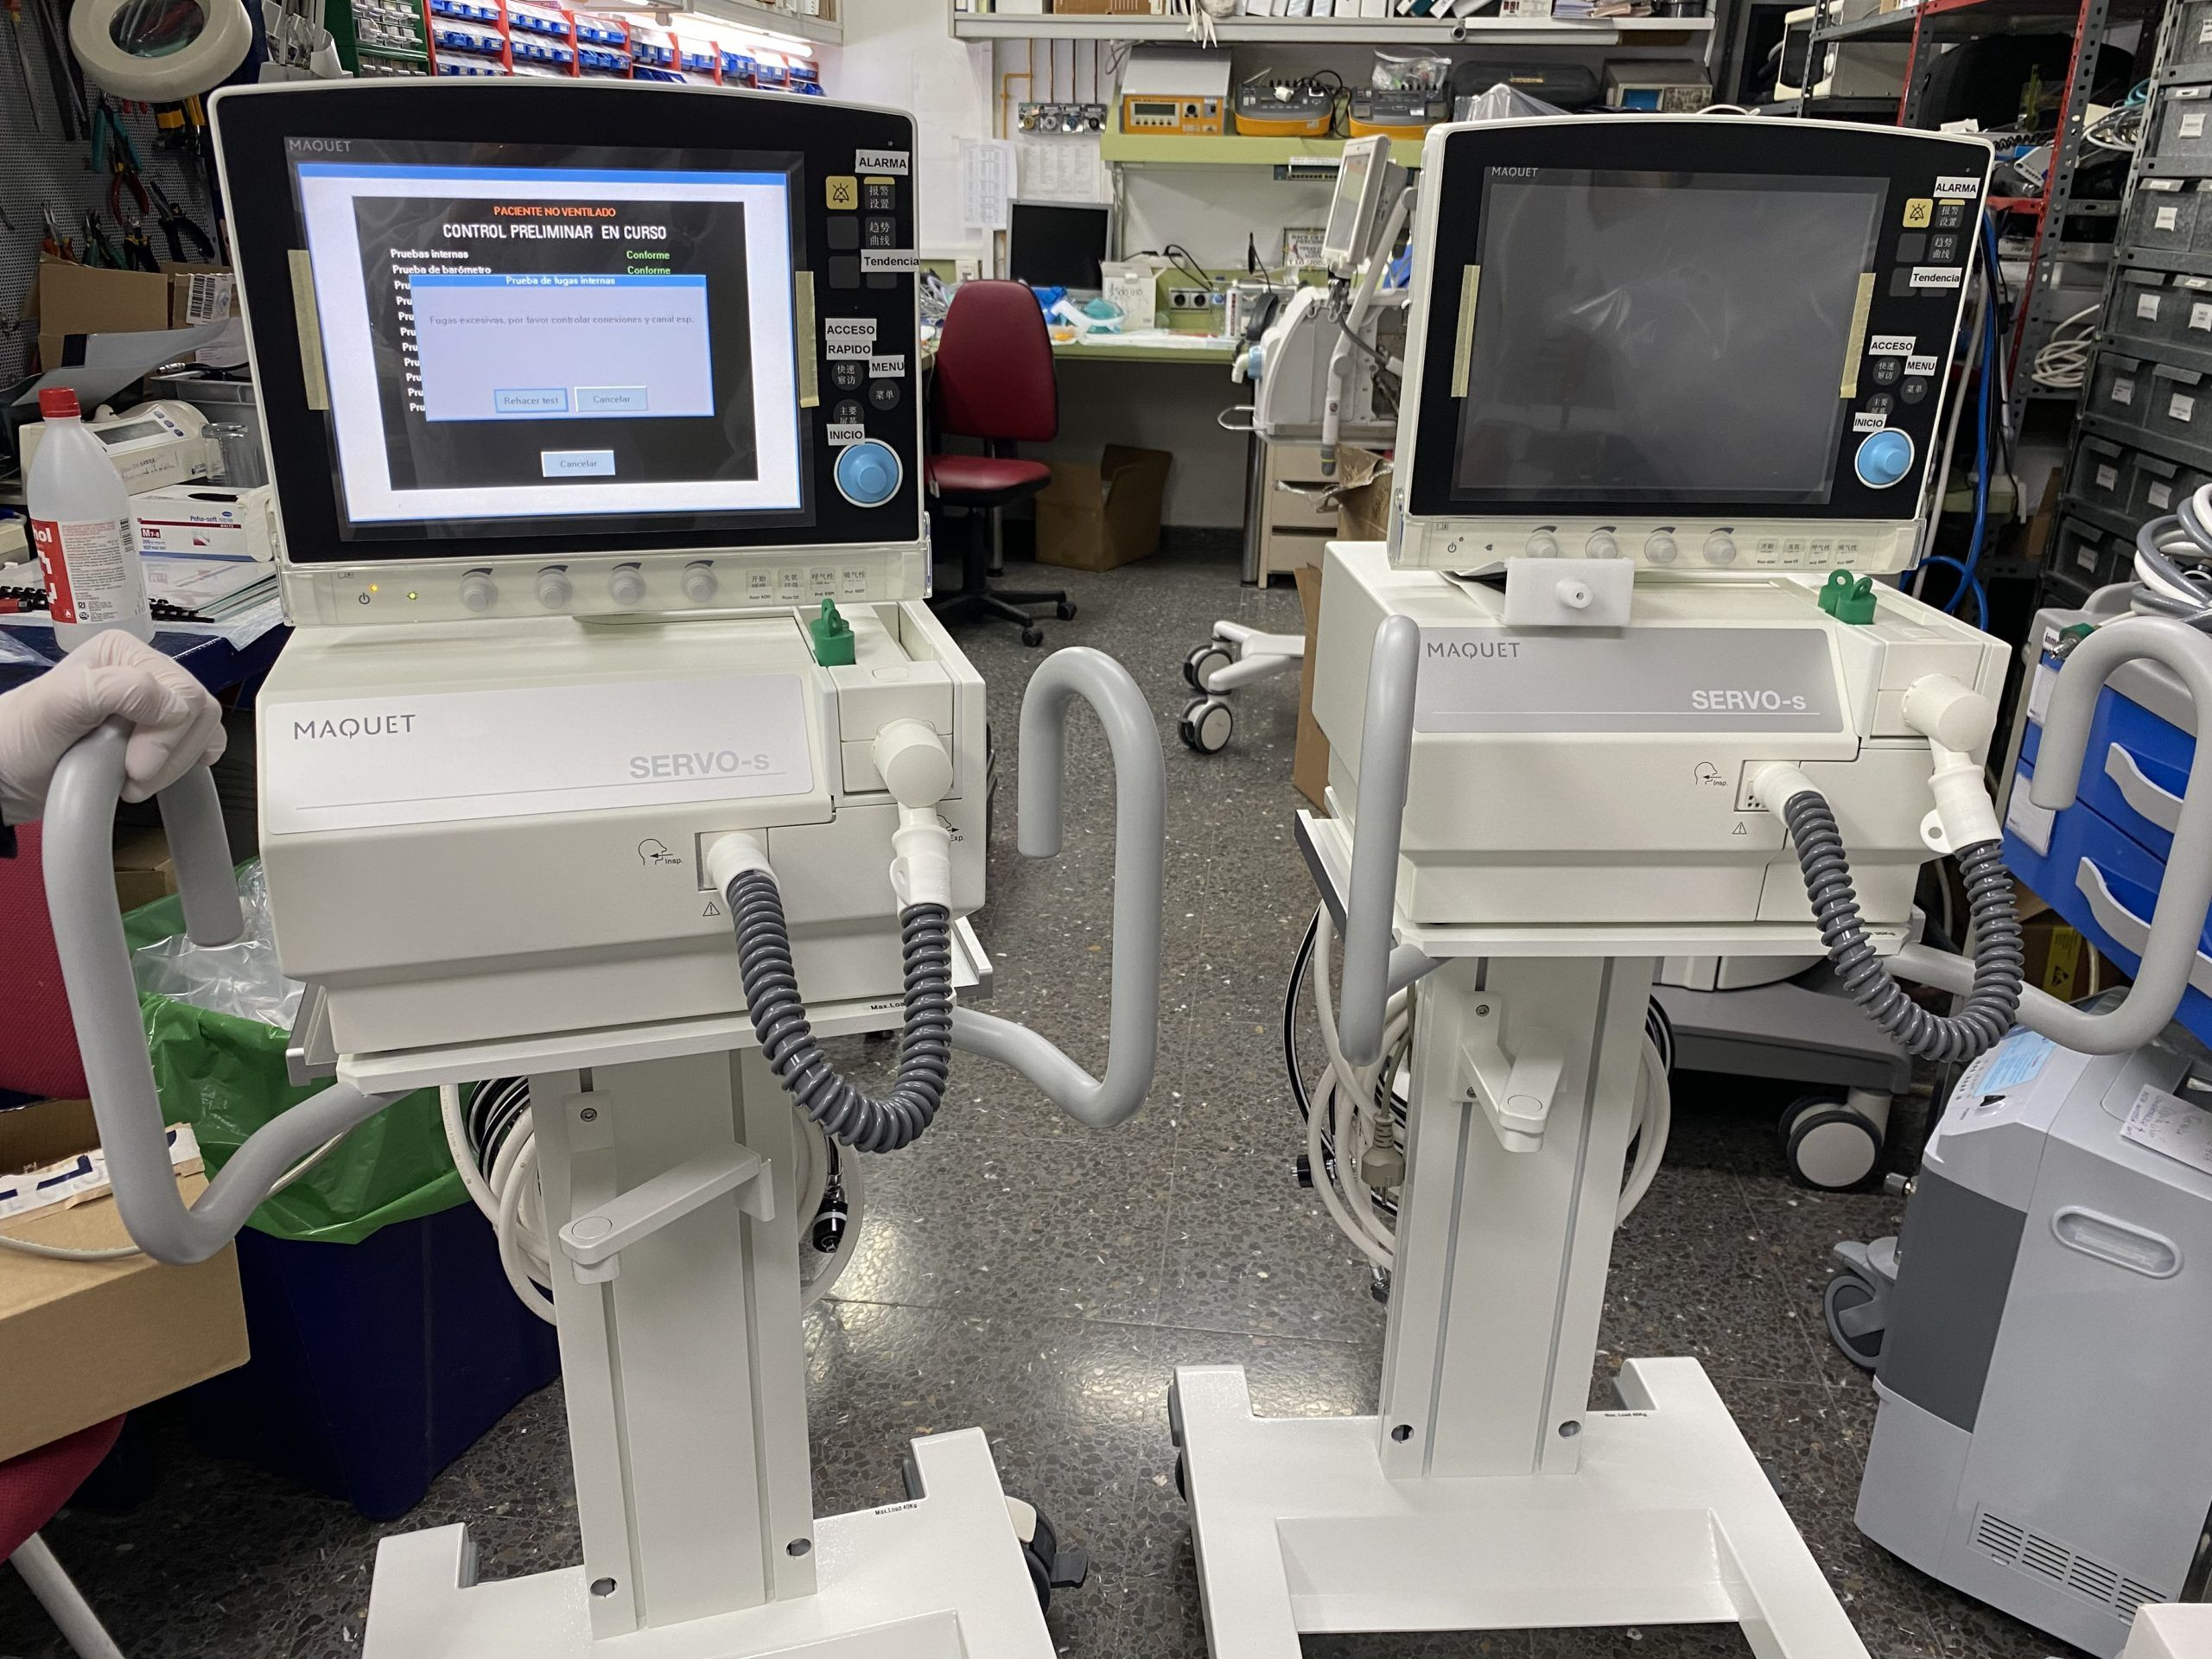 Más de 60 pacientes afectados por Covid-19 han sido ya extubados en los hospitales de Castilla-La Mancha